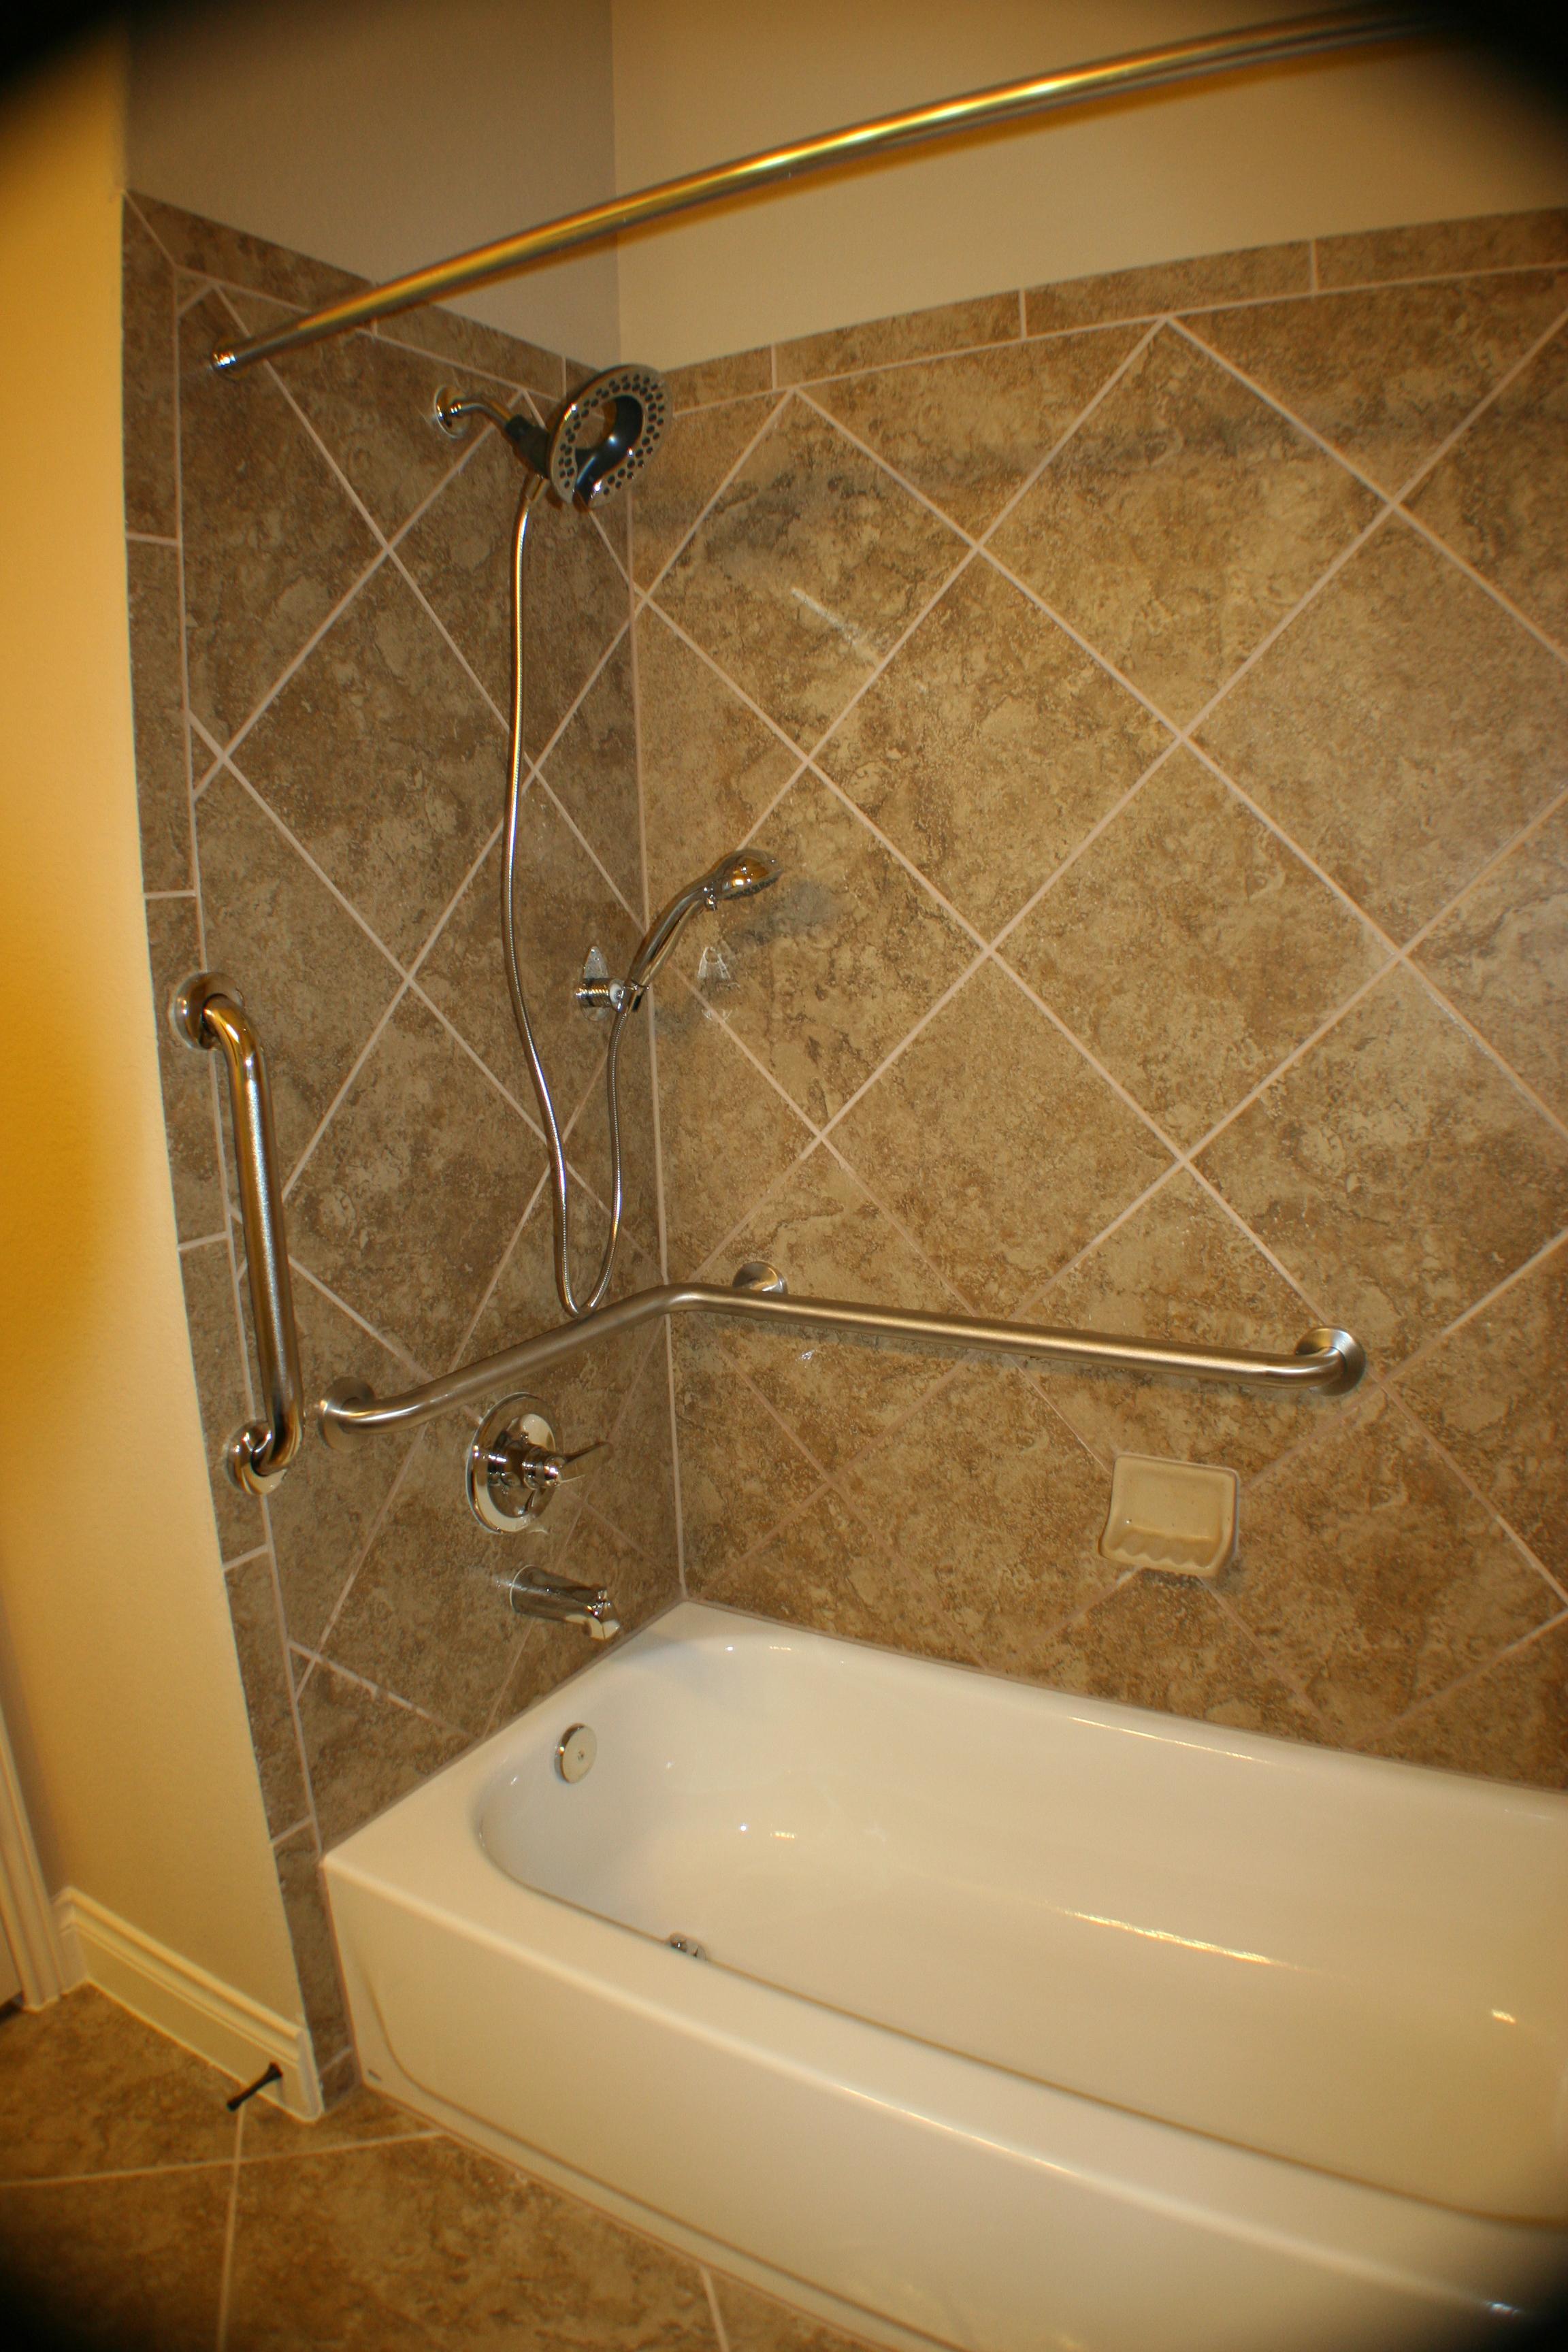 safety bath tub bars ezaccessbathroom.com 001.JPG